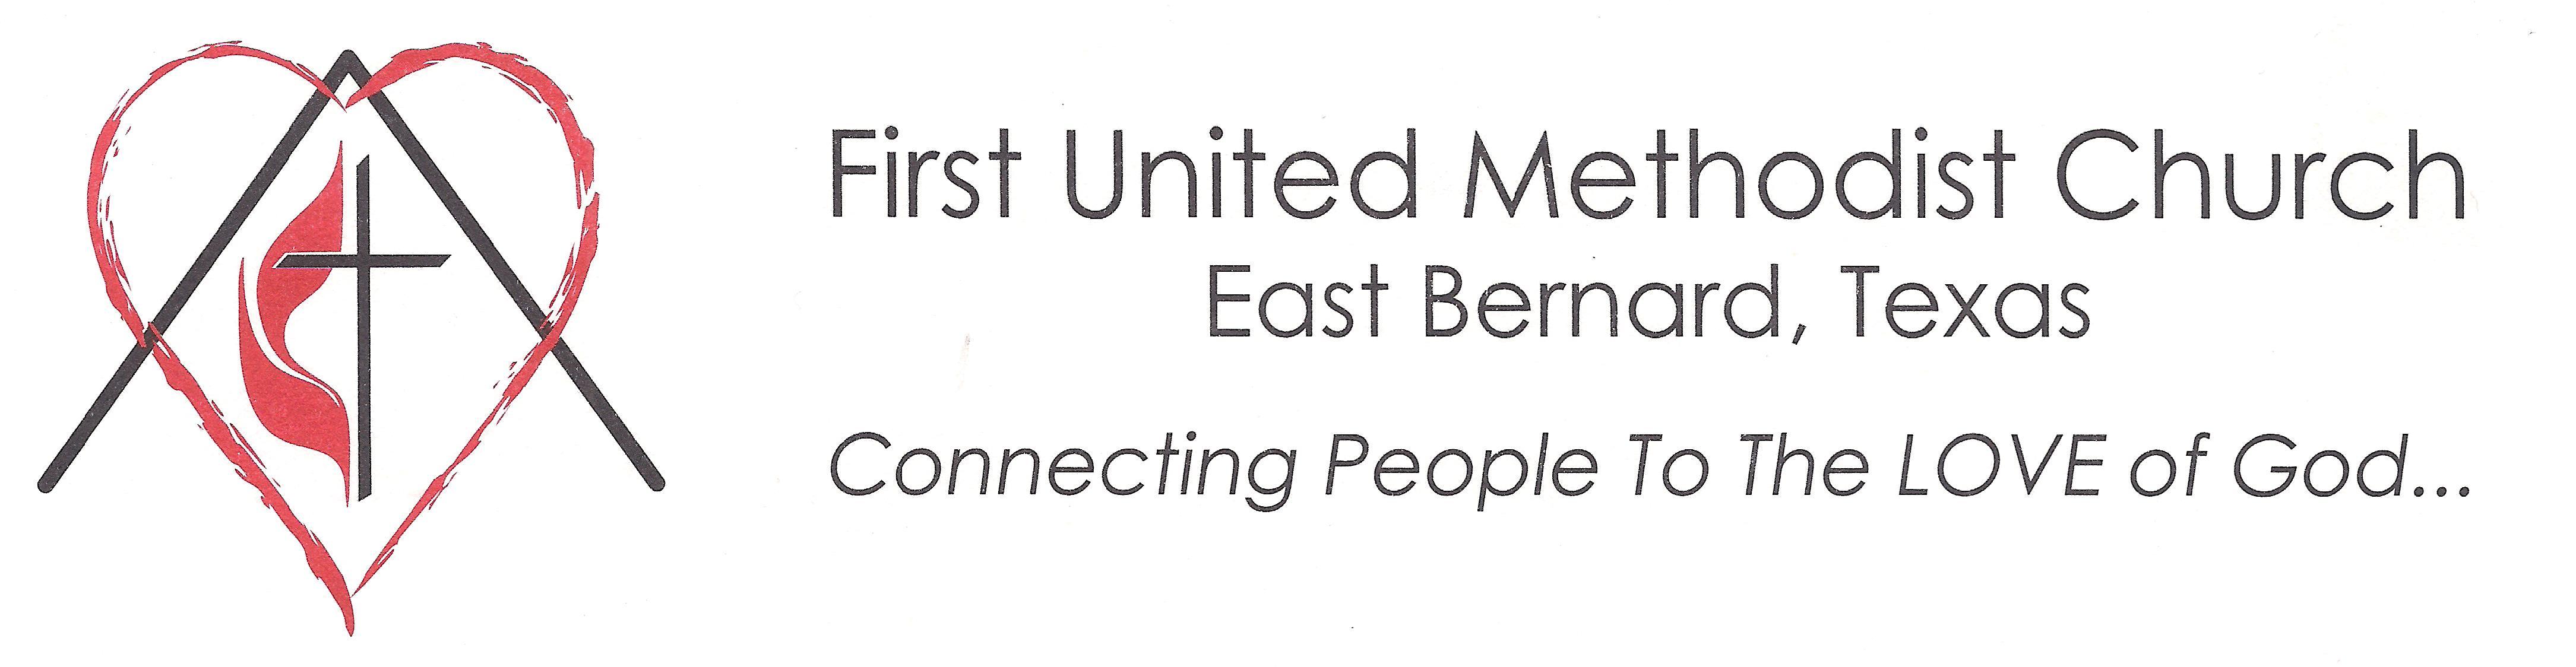 first united methodist church preschool united methodist church east bernard tx 920